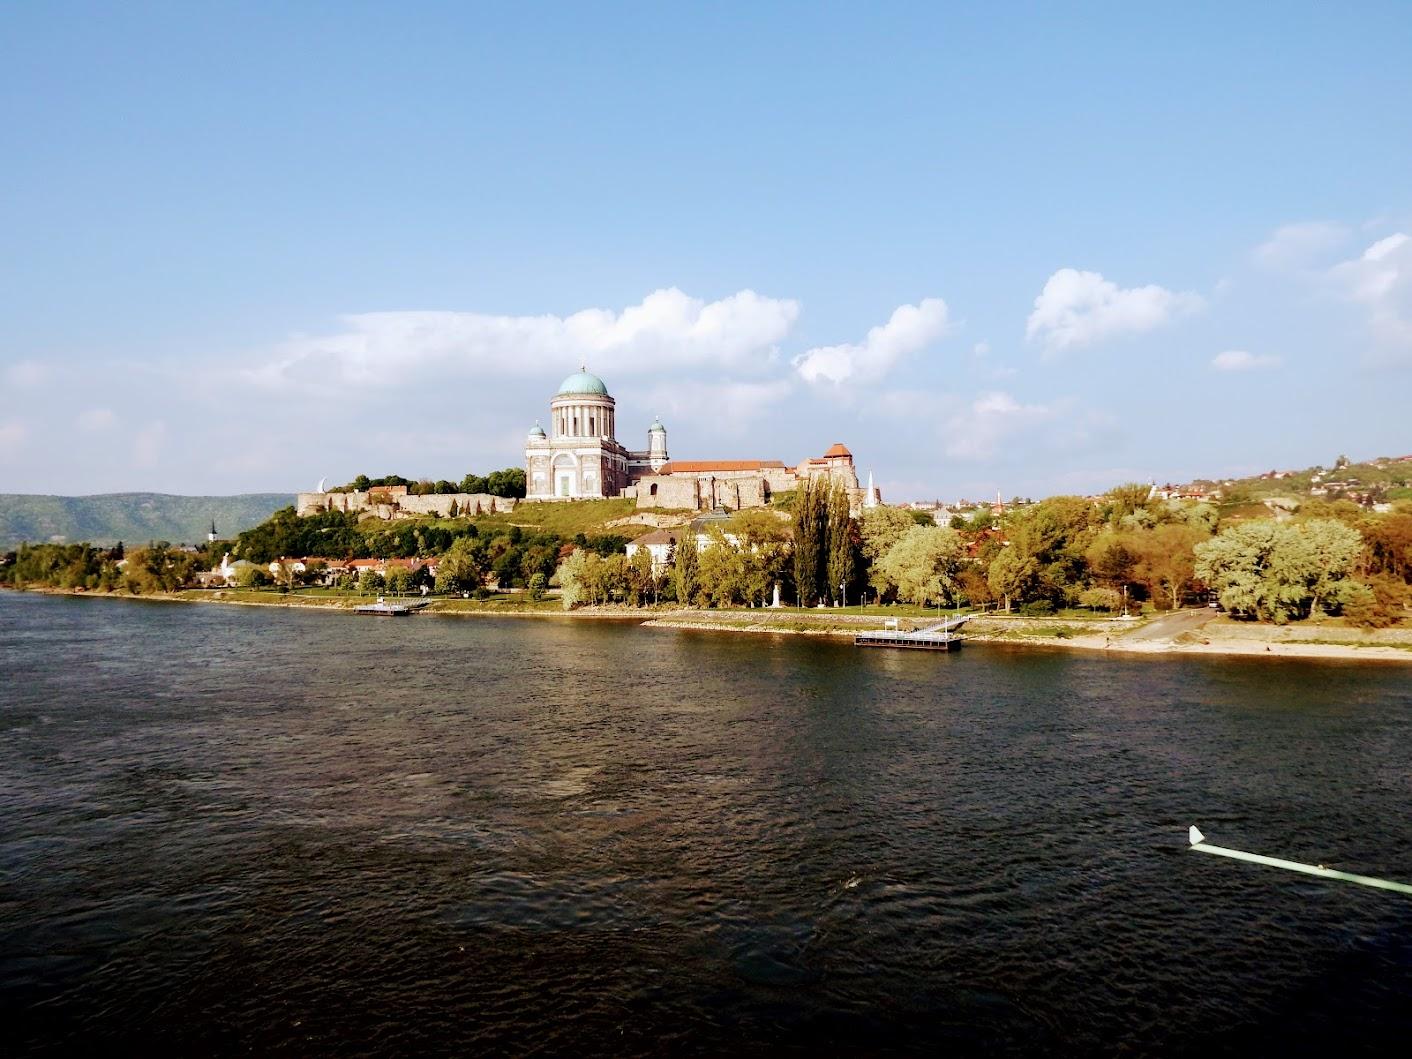 Esztergom - Nagyboldogasszony és Szent Adalbert főszékesegyház (a bazilika kívülről, távolból)